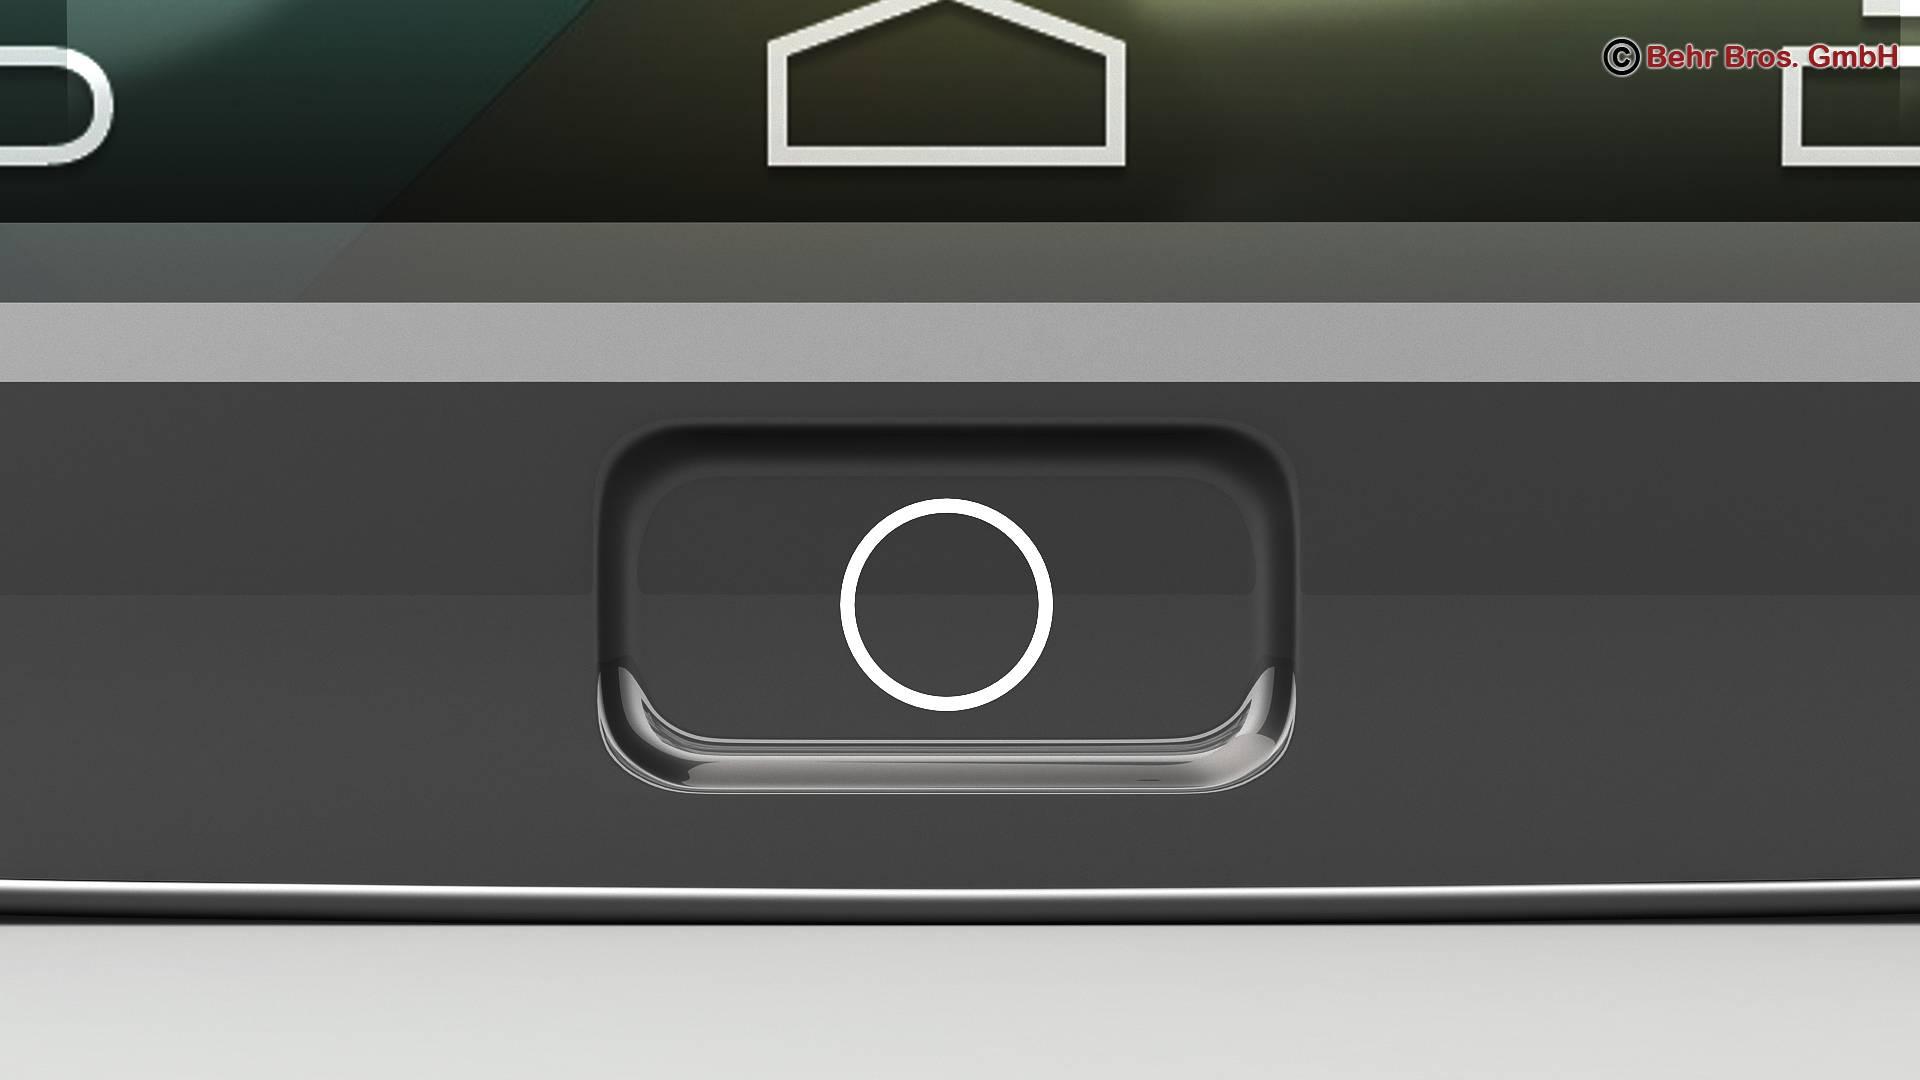 генерички паметен телефон 6 инчен 3d модел 3ds макс fbx c4d lwo ma mb obj 161668